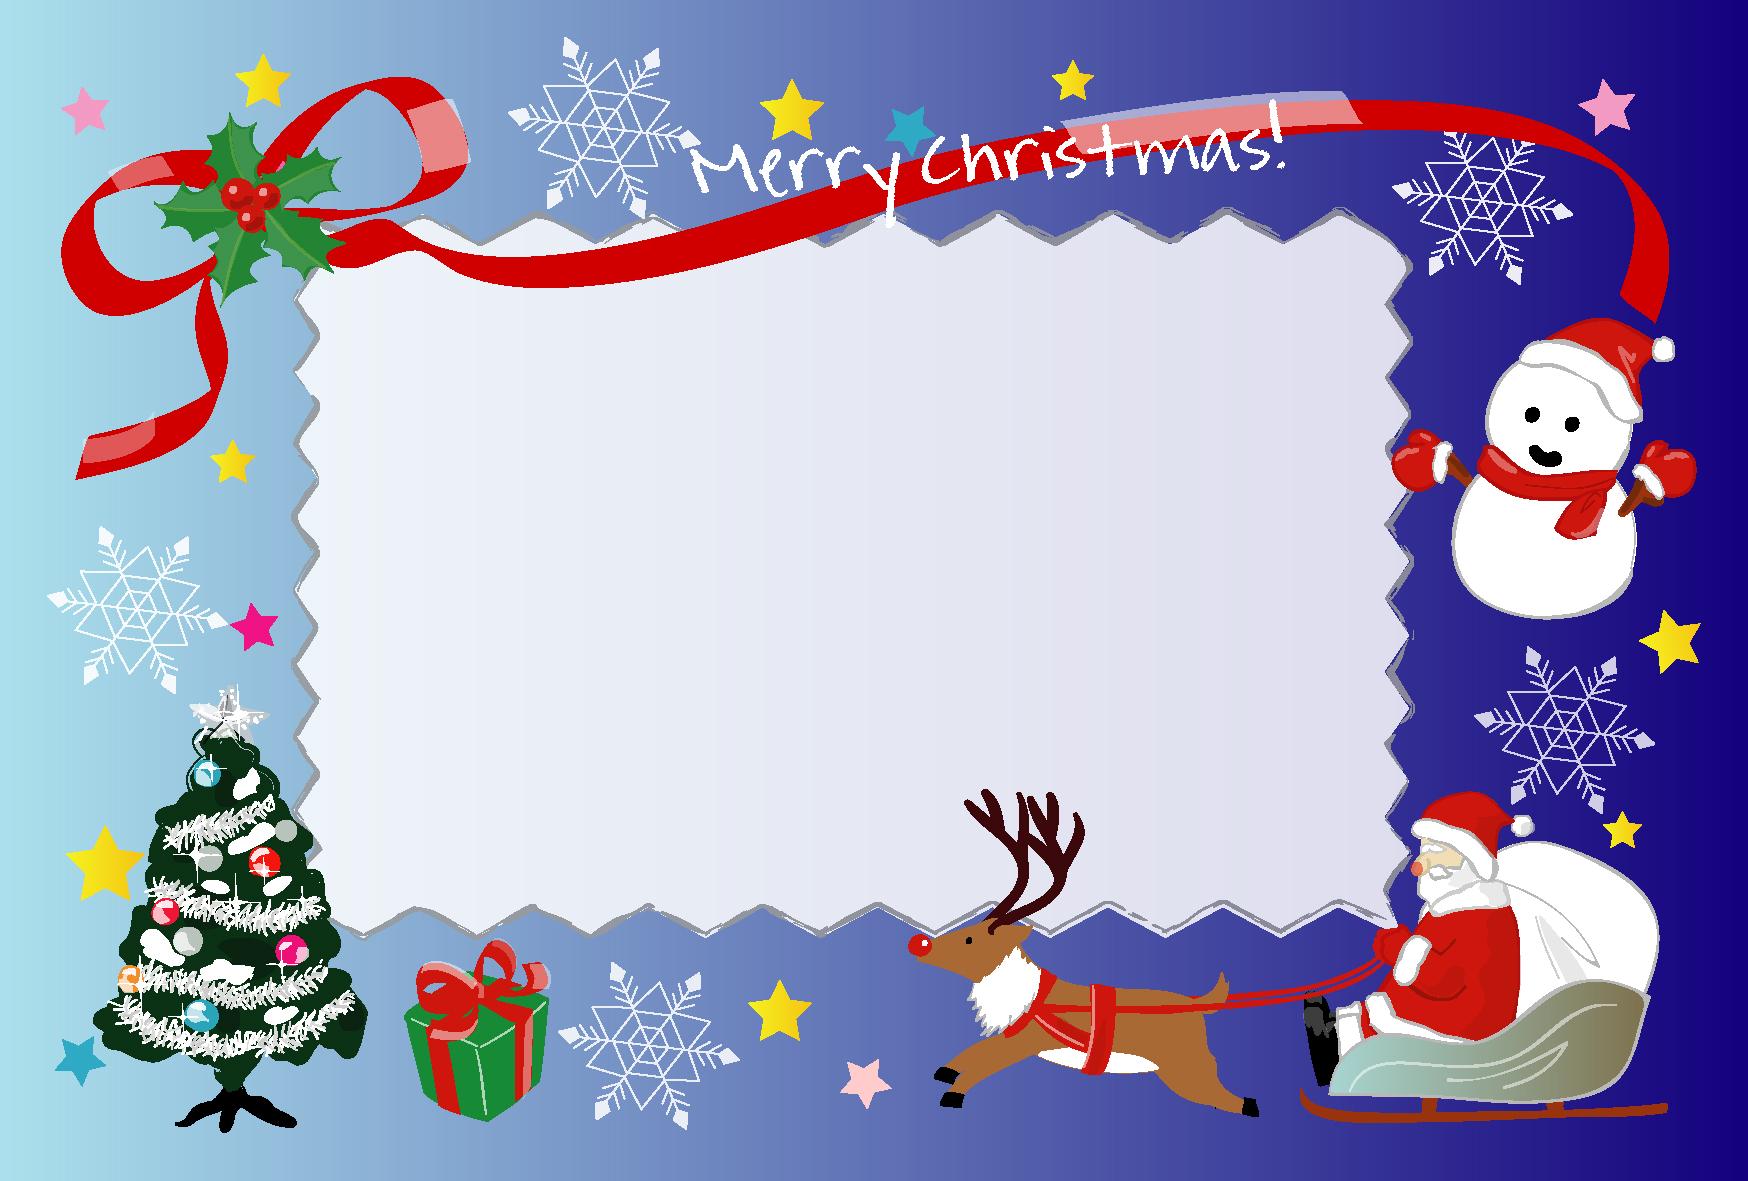 印刷素材-カードテンプレート ... : クリスマステンプレート無料 : 無料